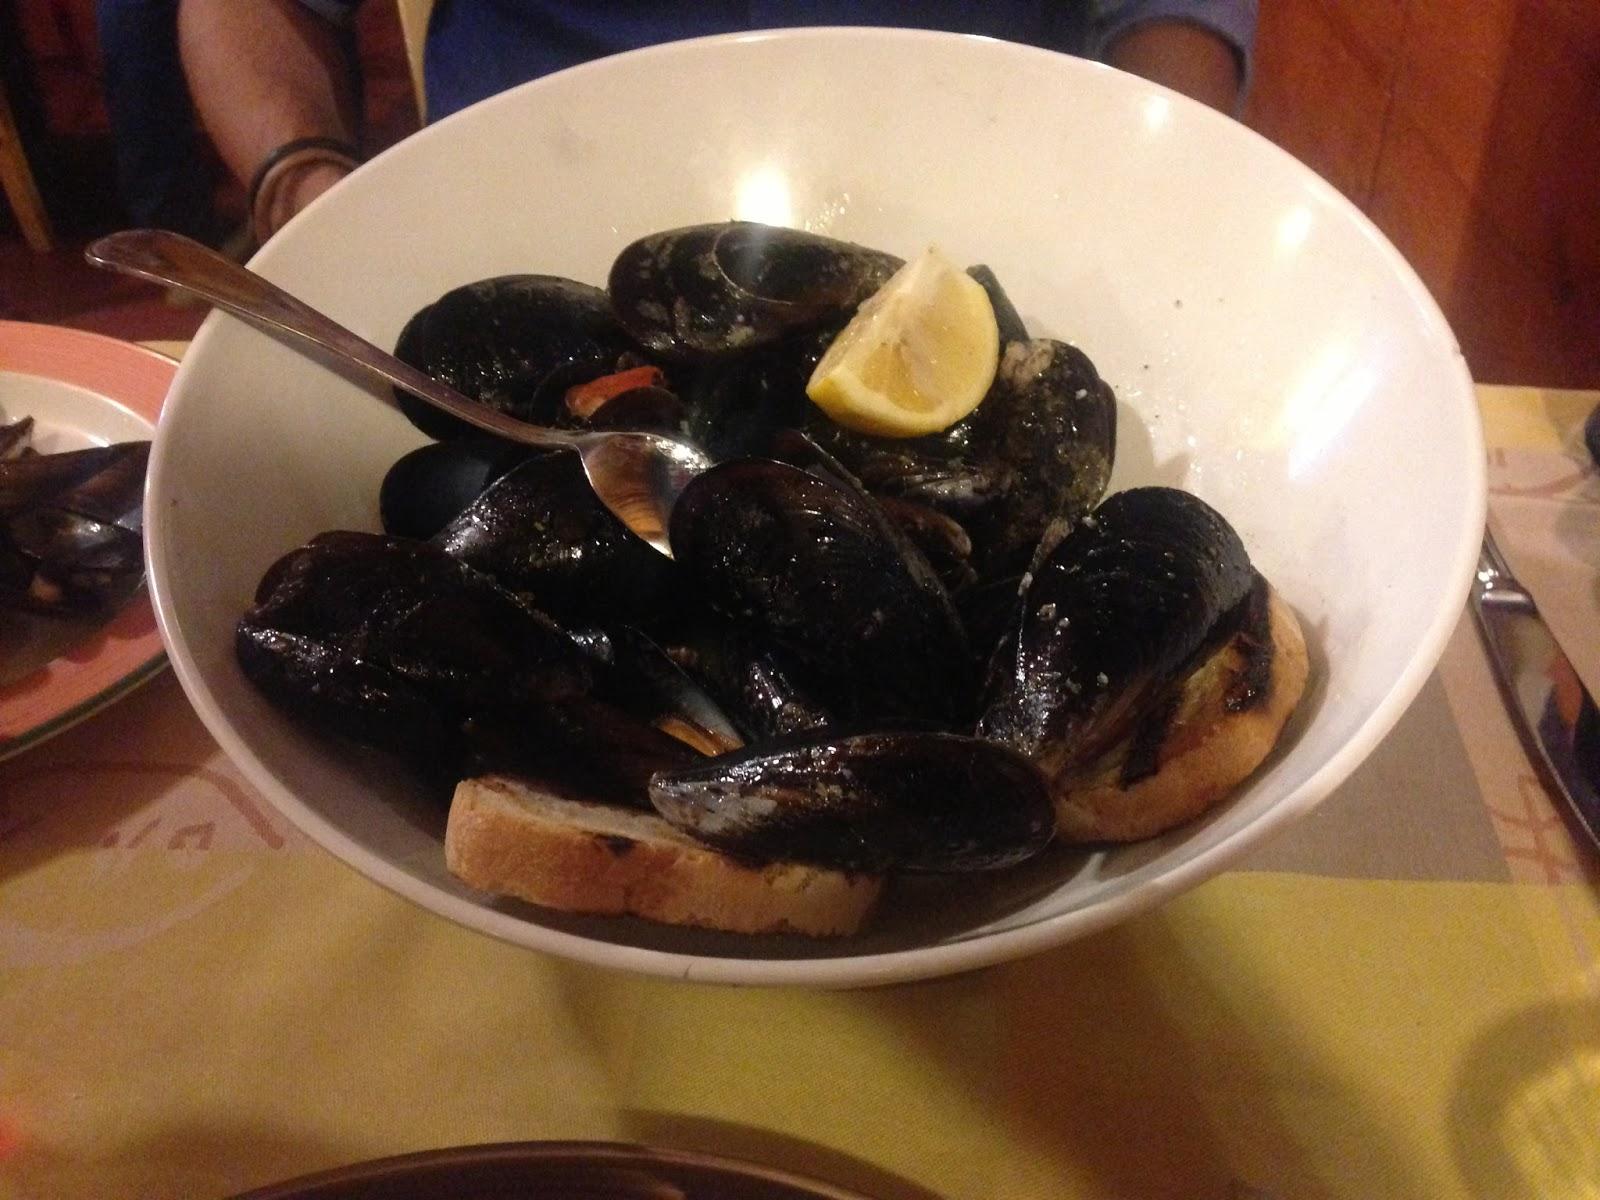 Mangiare del buon pesce a Firenze? L\'Acqua Cheta a Bagno a Ripoli ...